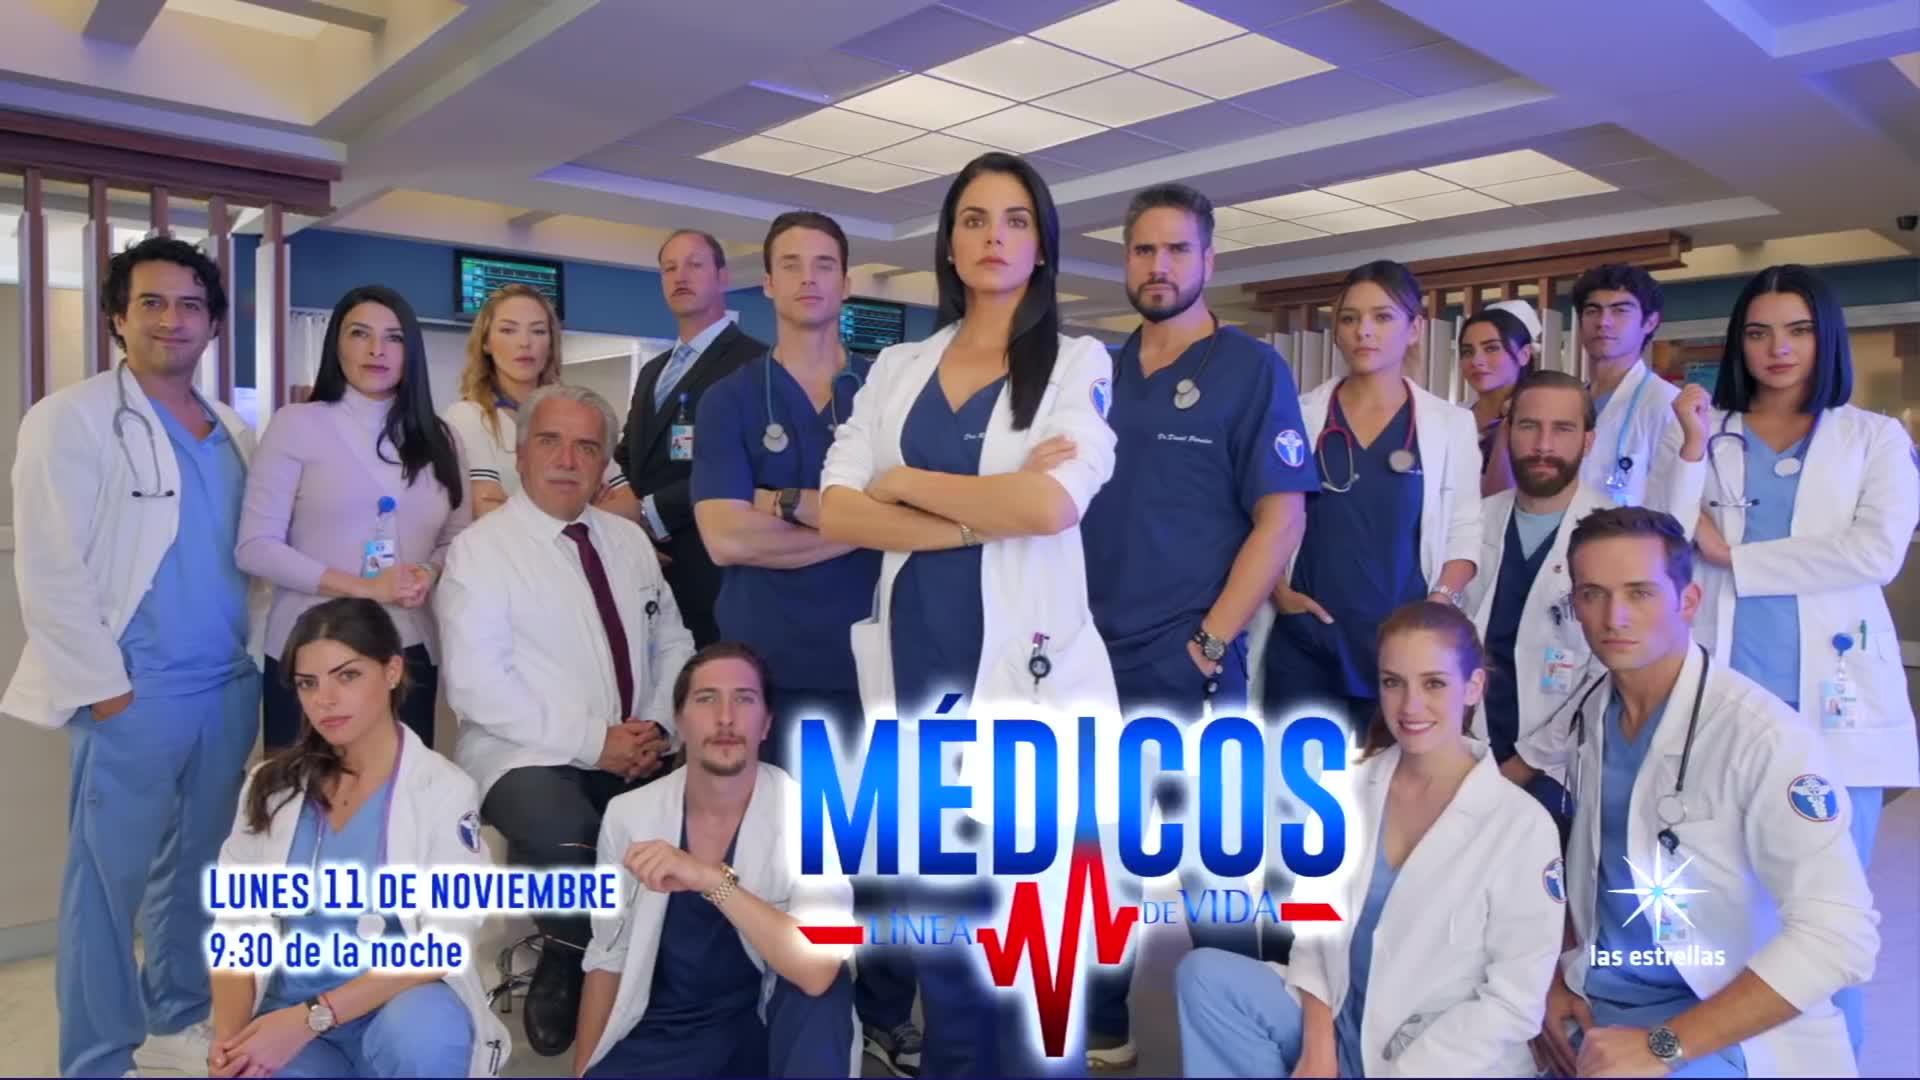 Médicos Línea De Vida Tv Series 2019 Imdb